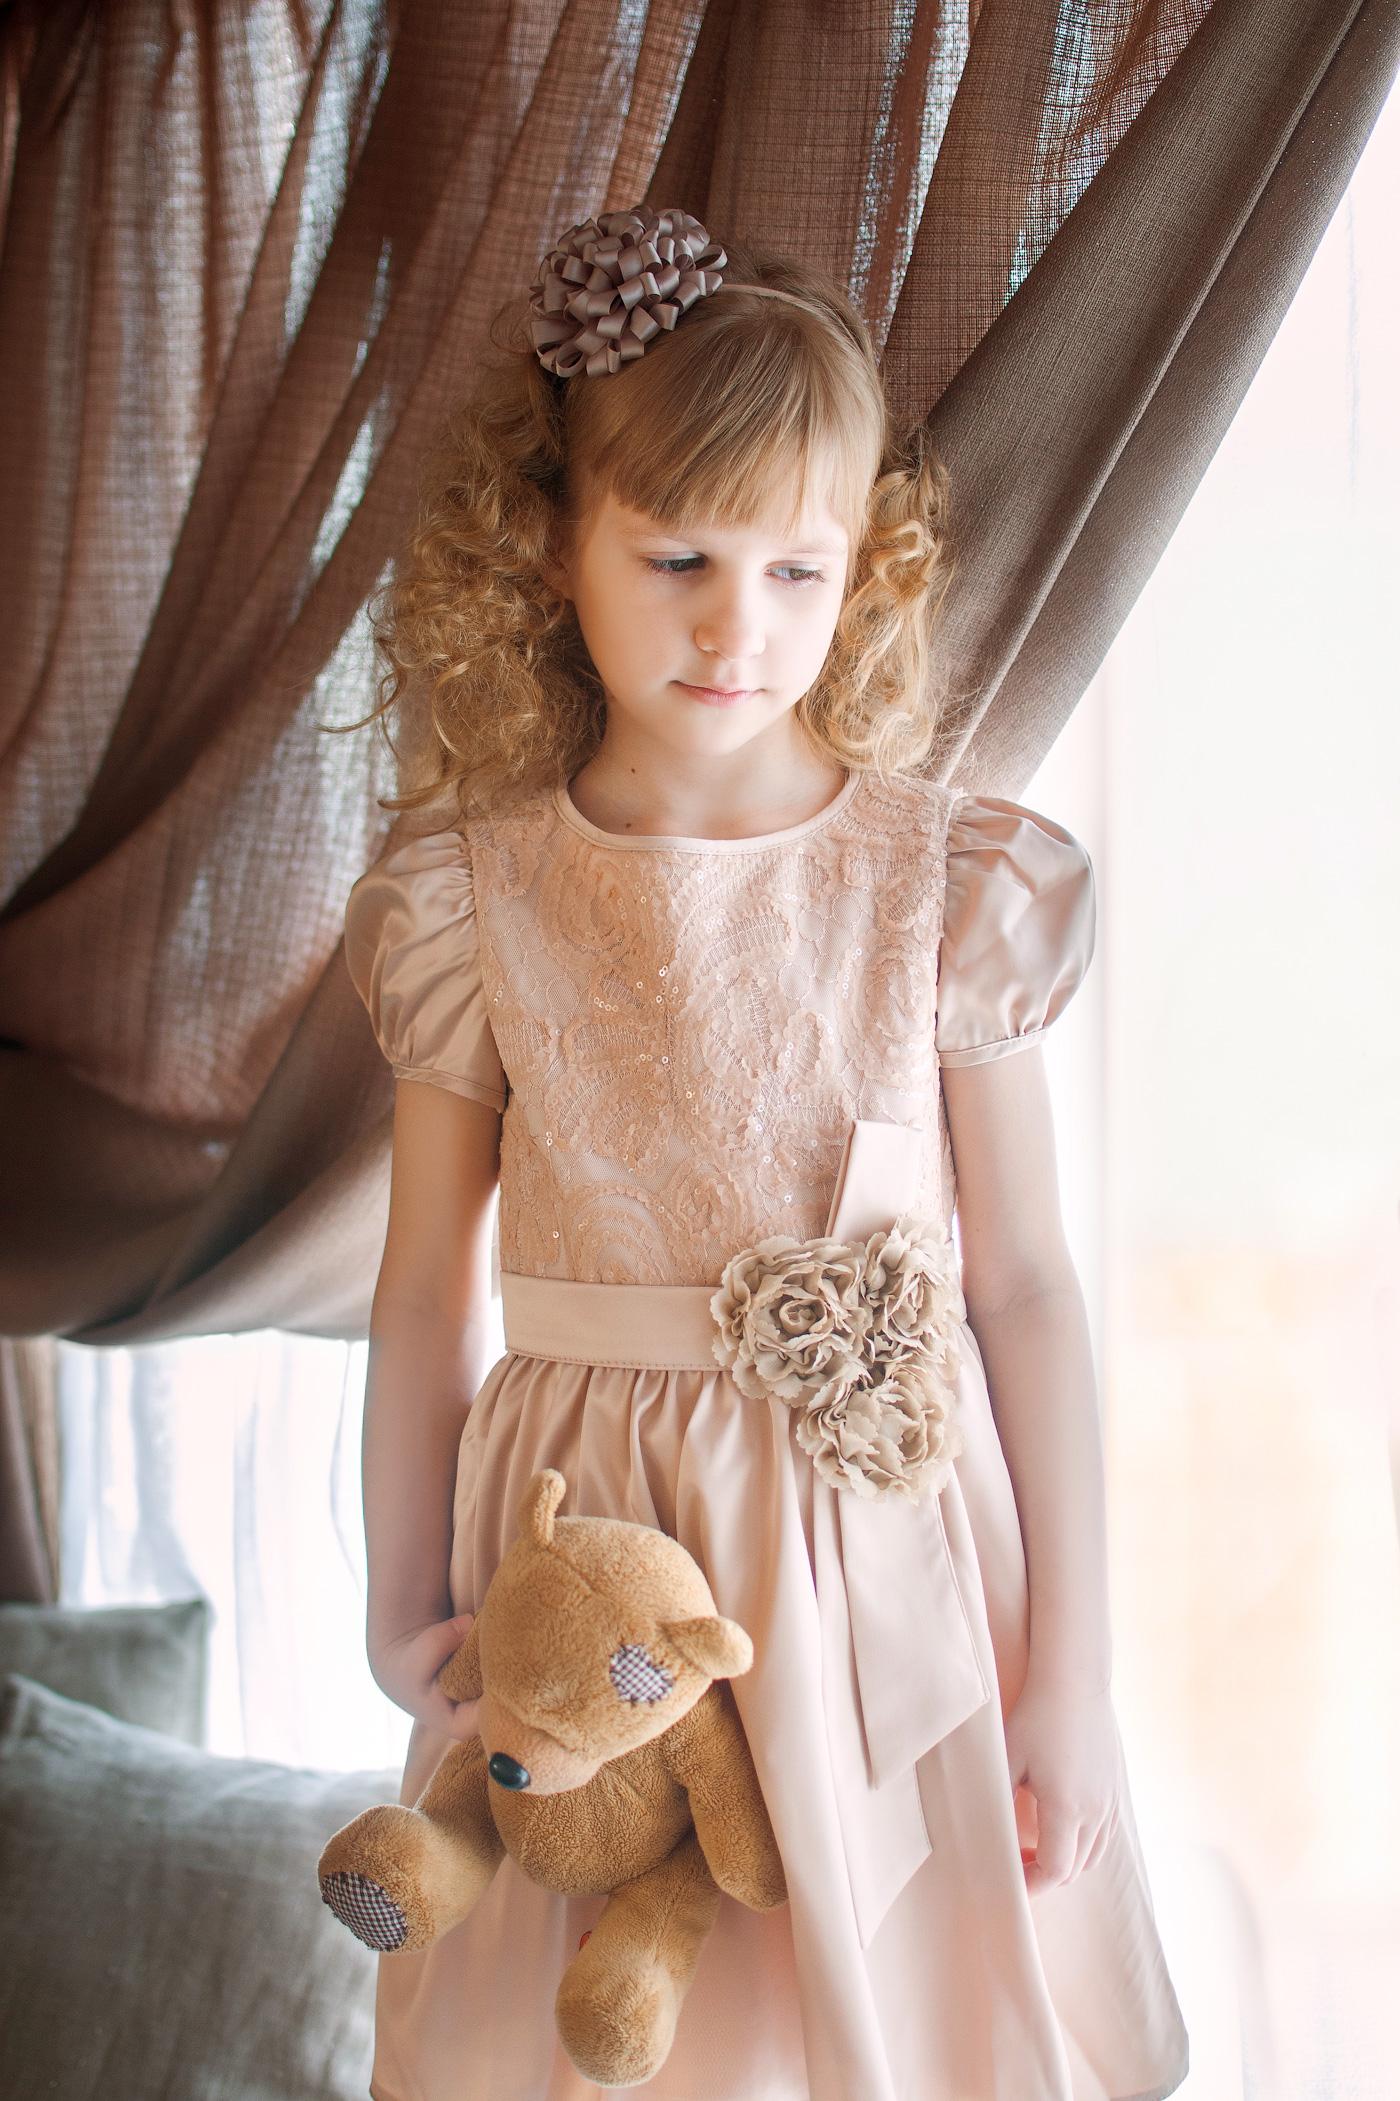 детский фотограф Словакия